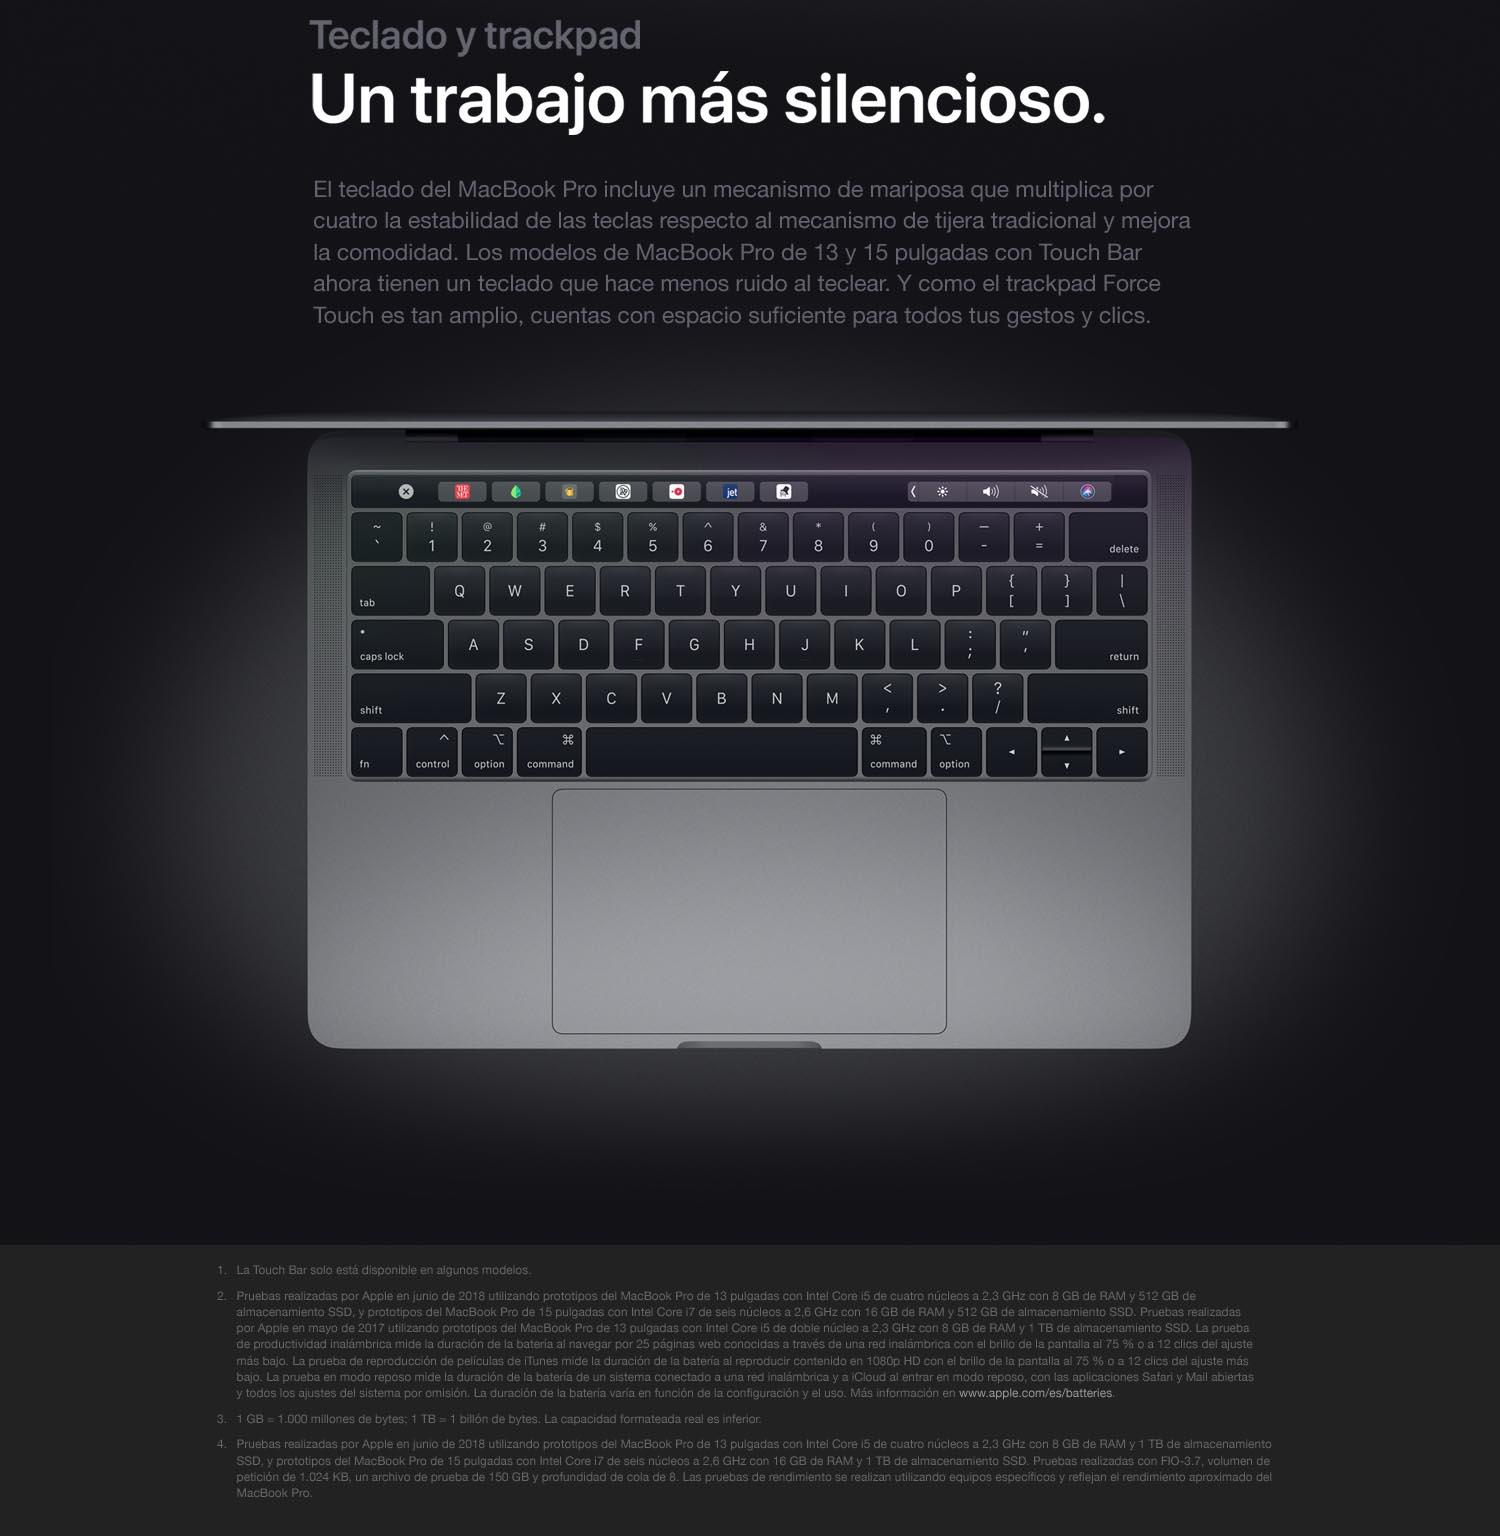 Compara con otros productos de Apple MacBook